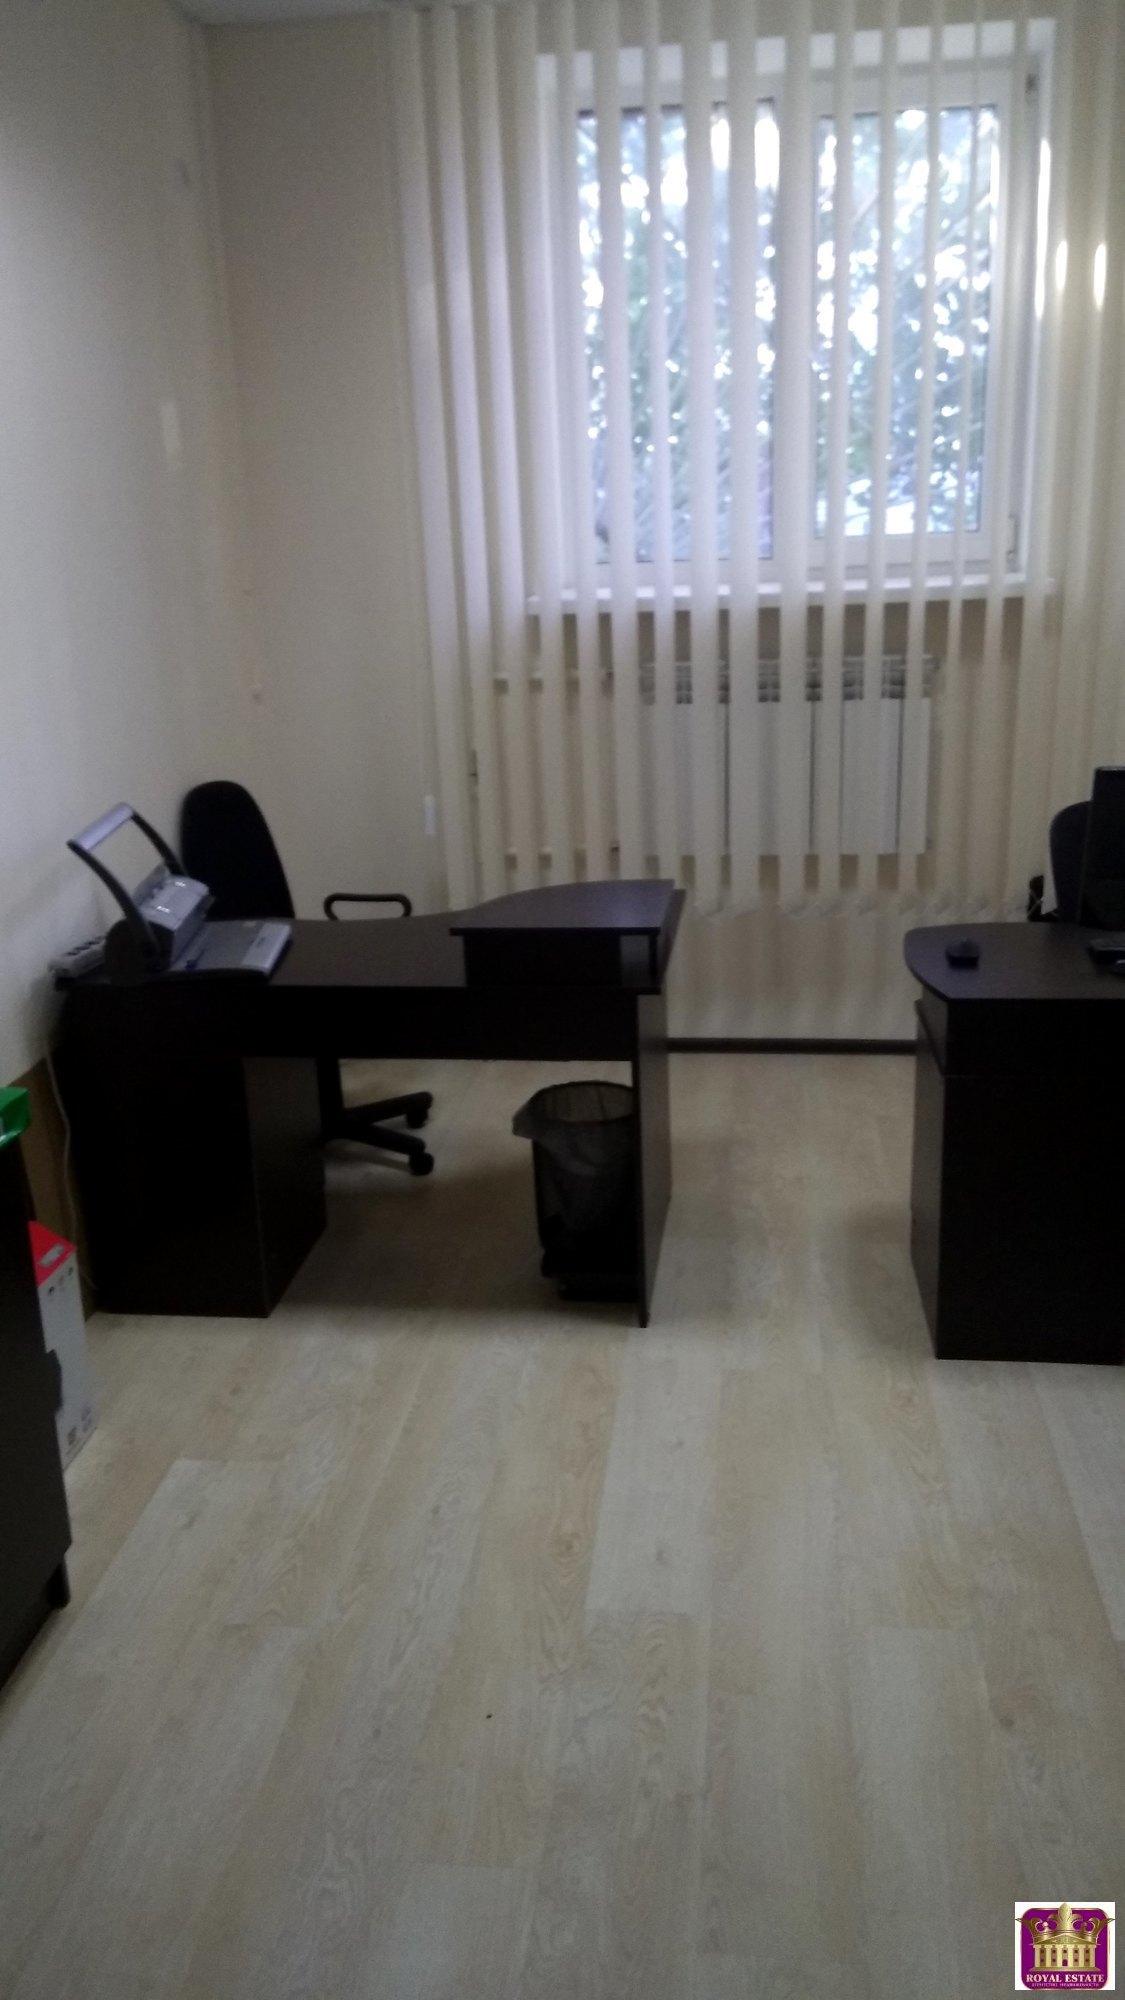 Аренда офиса и помещений под офис в симферополе портал поиска помещений для офиса Севанская улица